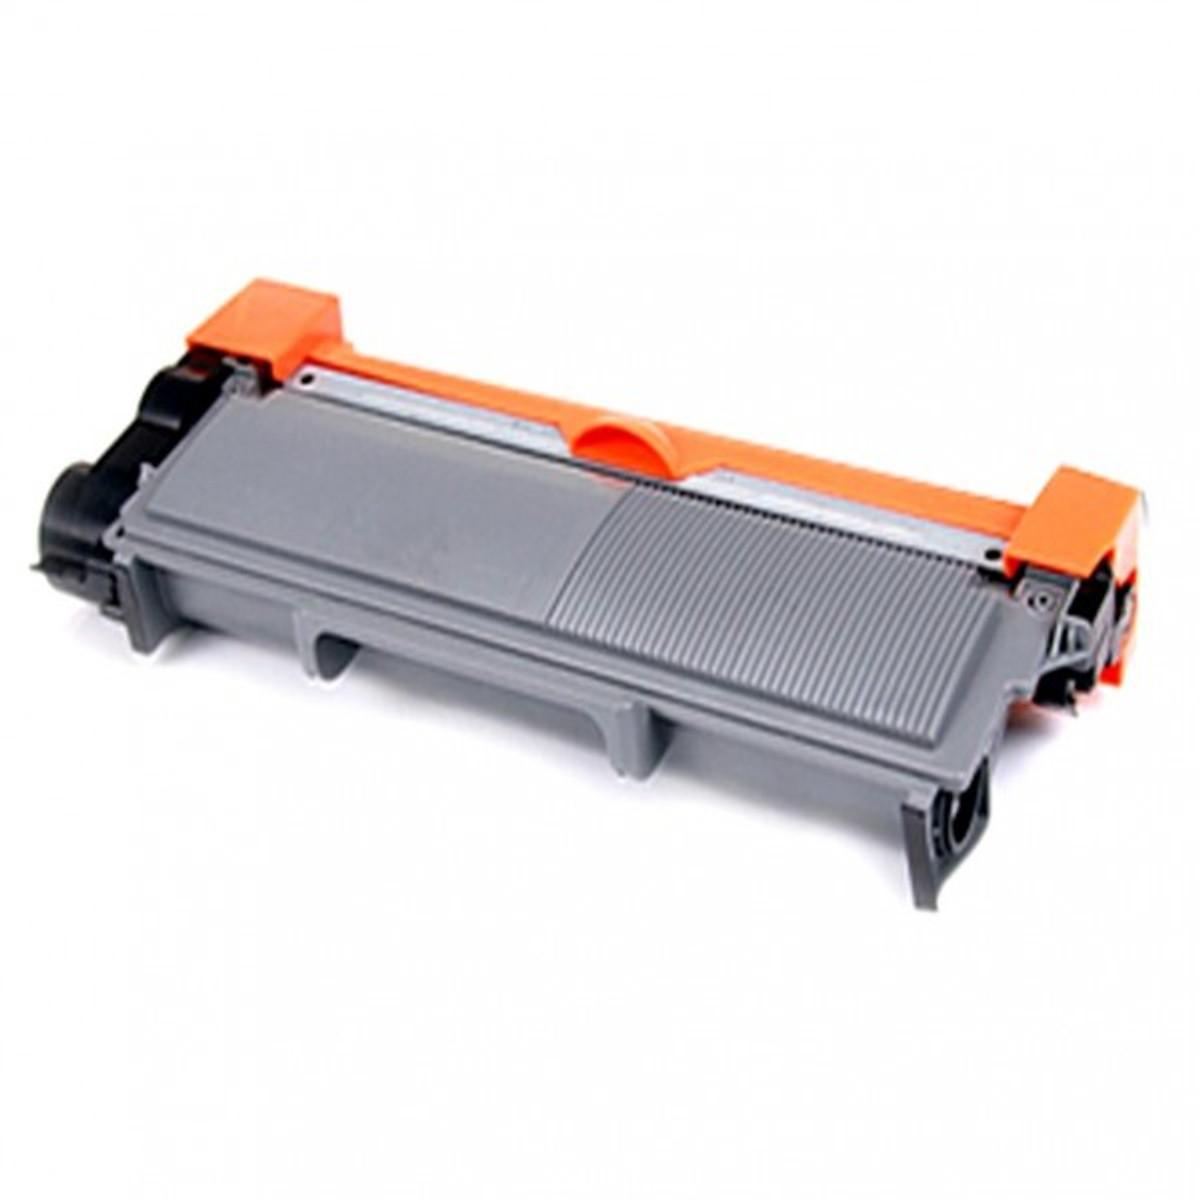 Hộp mực TN 2385, TN 2325 dùng cho máy in Brother HL-L2321D, HL-2361DN, HL-2366DW, MFC-L2701D, MFC-L2701DW (hàng nhập khẩu 100%)